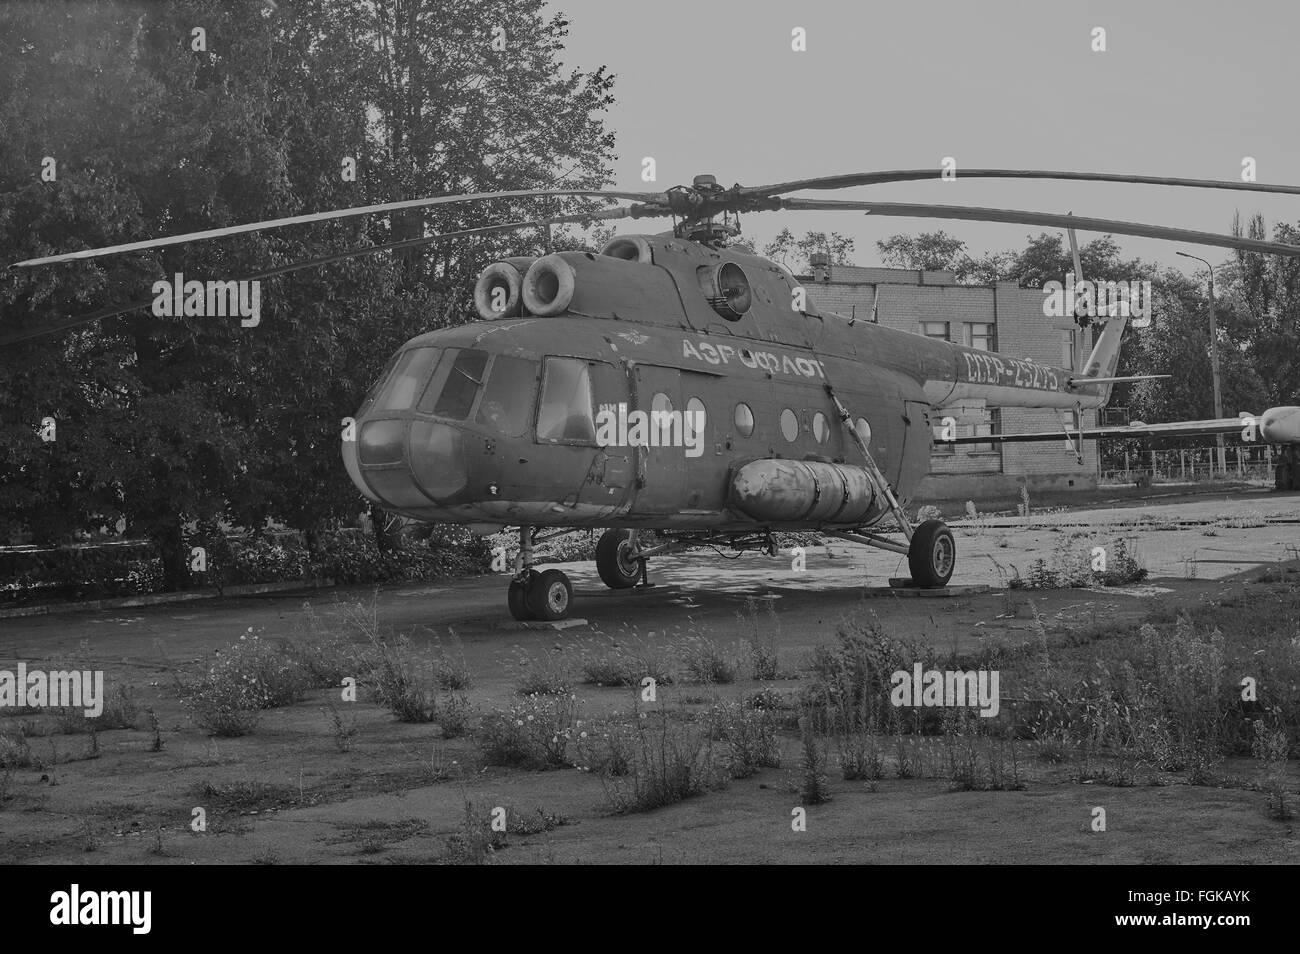 KRIVOY ROG, UKRAINE - FEBRUARY 6, 2016: Old soviet helicopter MI-8 at an abandoned aerodrome. Black and white image - Stock Image